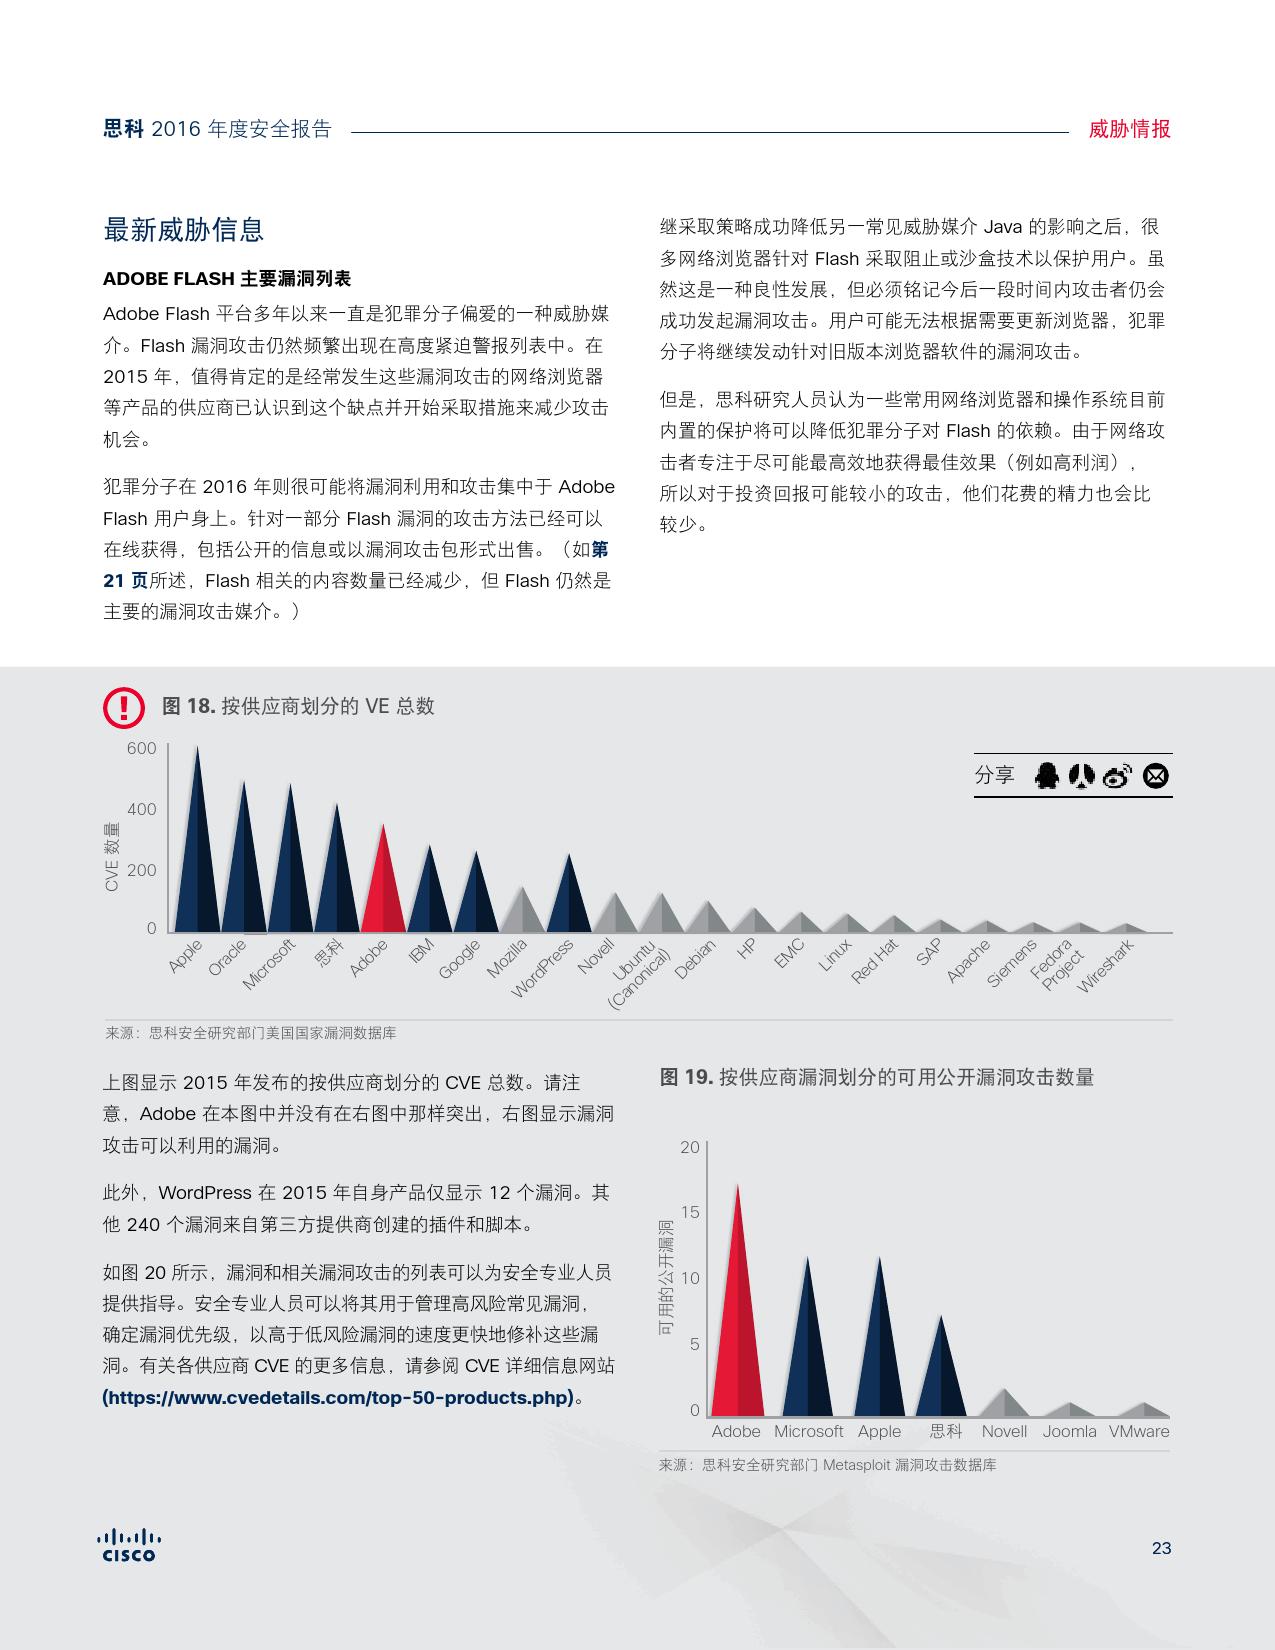 2016年中网络安全报告_000023